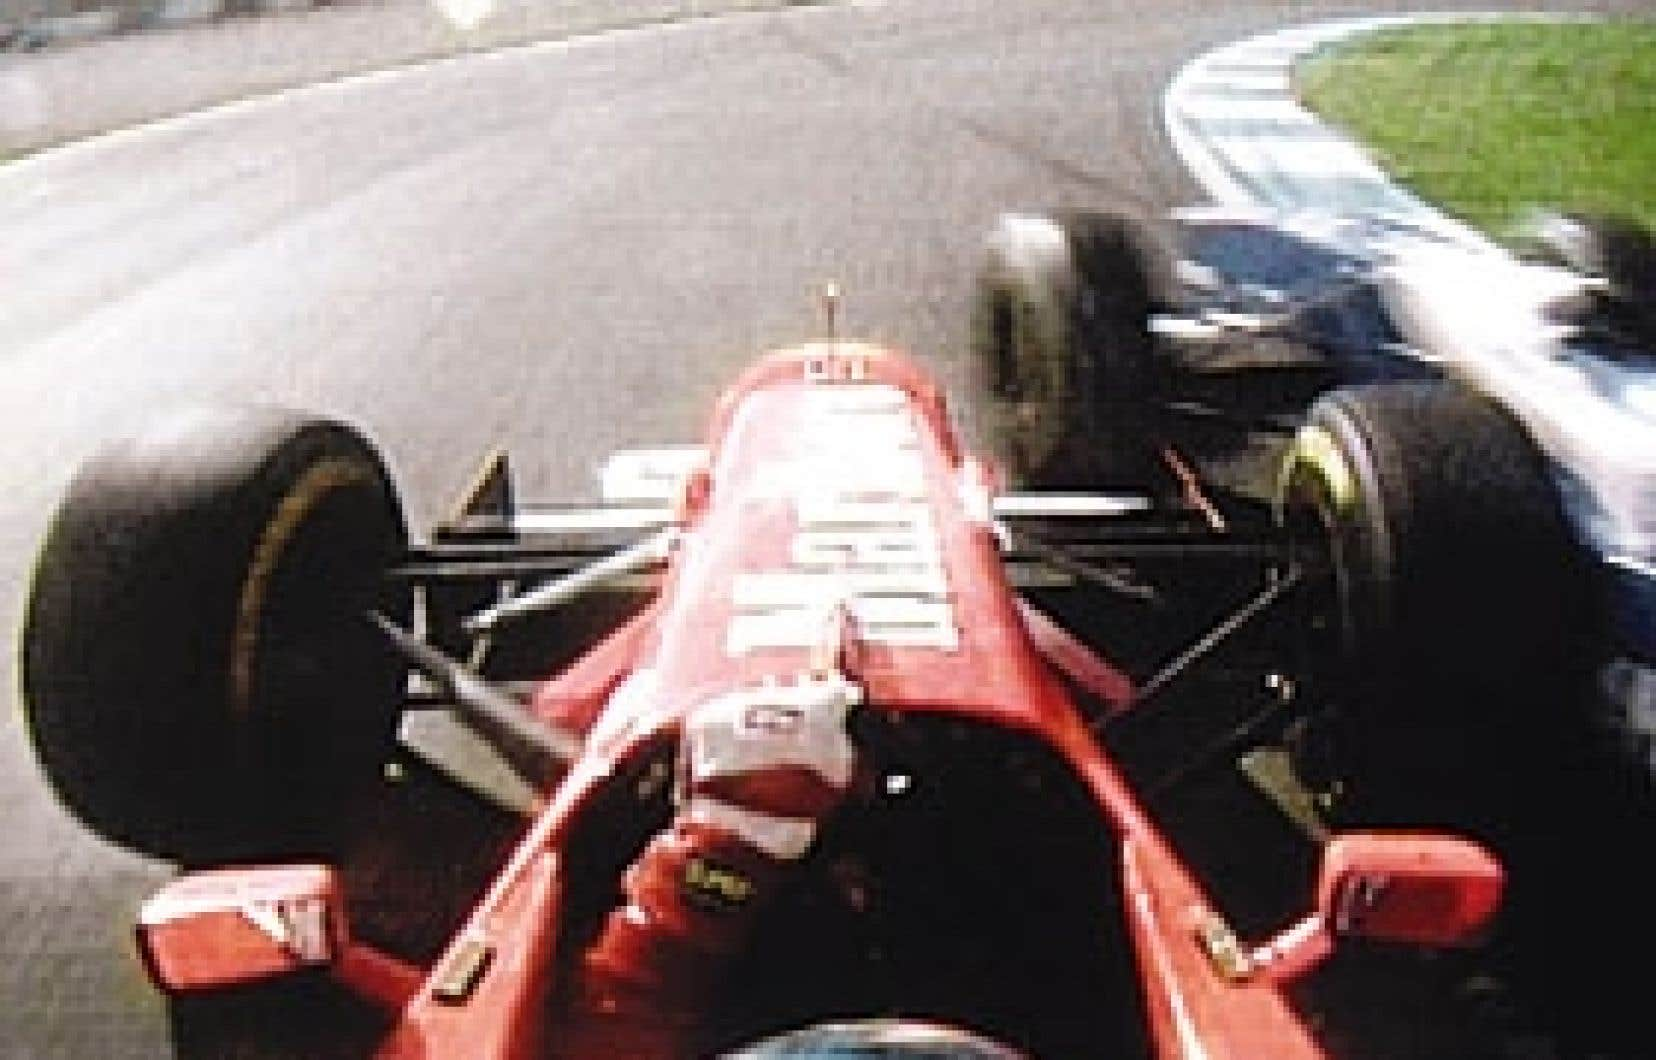 Le célèbre accrochage entre Jacques Villeneuve et Michael Schumacher lors du Grand Prix d'Espagne 1997. Schumacher fut lourdement sanctionné, les 78 points marqués durant la saison lui furent retirés.